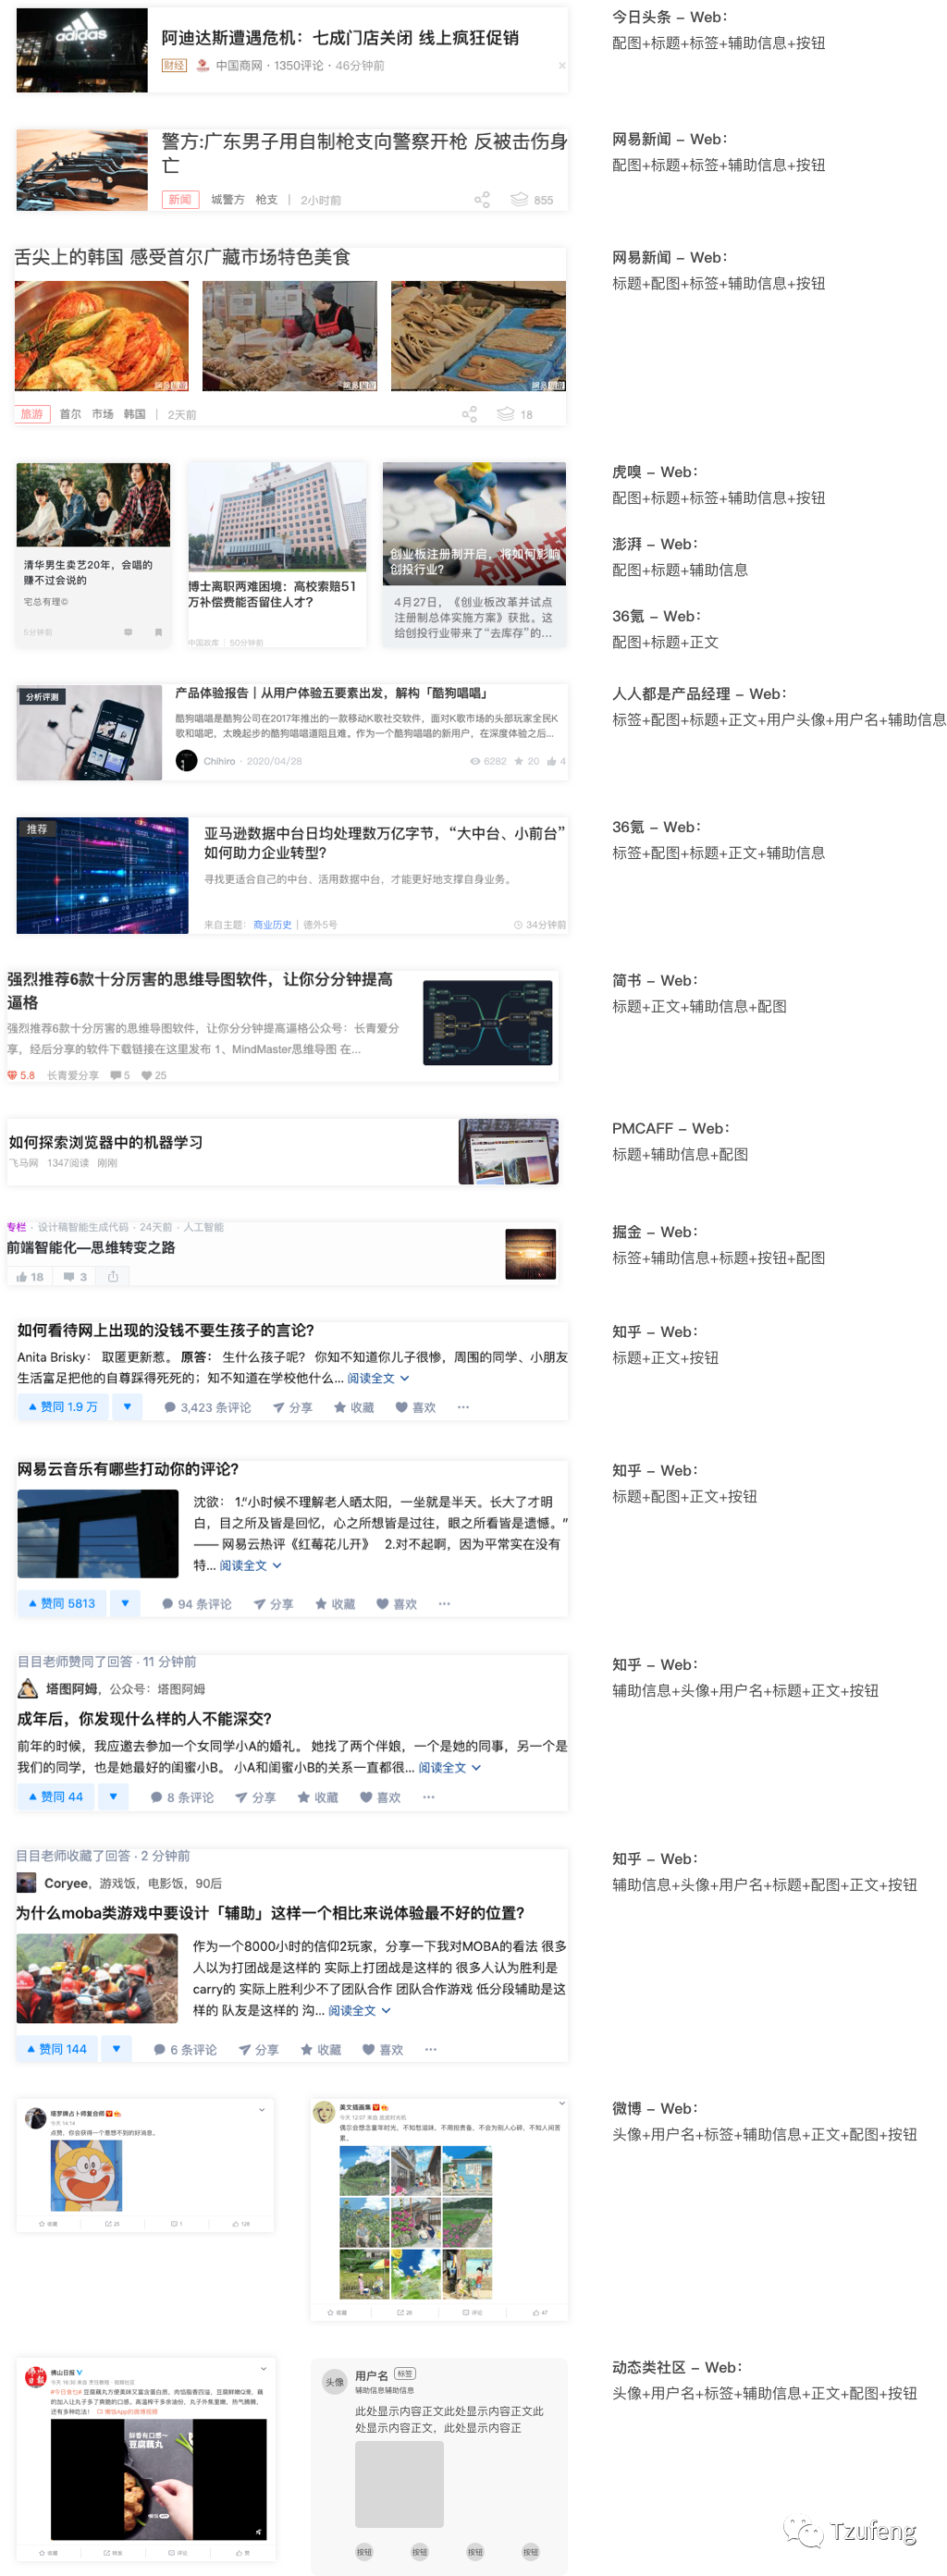 几种常见的Web端Feed设计模式